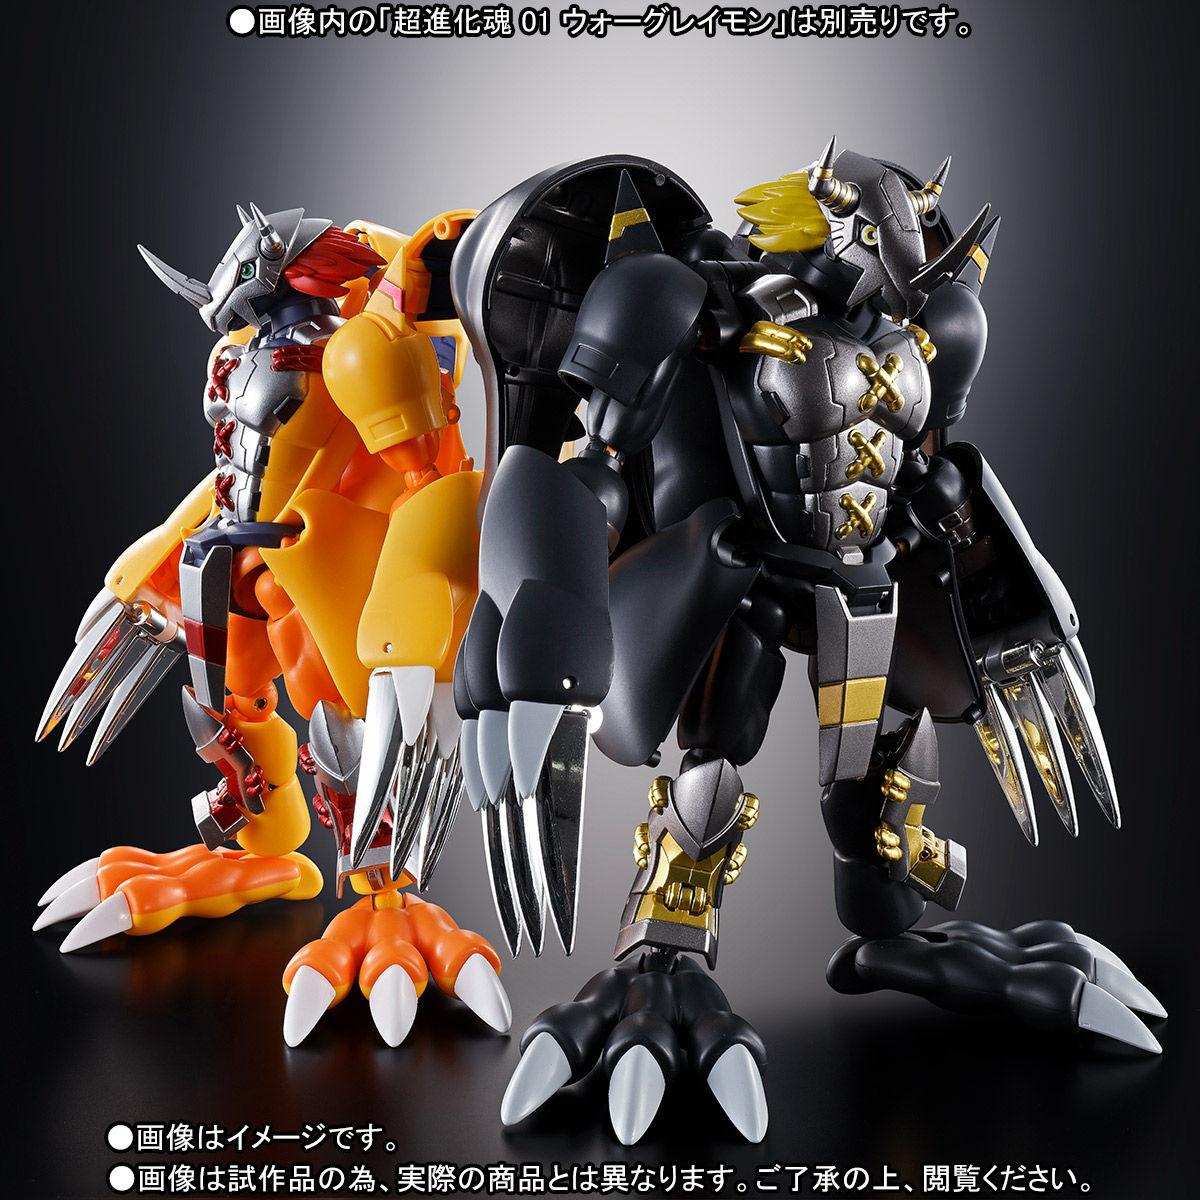 超進化魂 08『ブラックウォーグレイモン』デジモンアドベンチャー 可変可動フィギュア-009